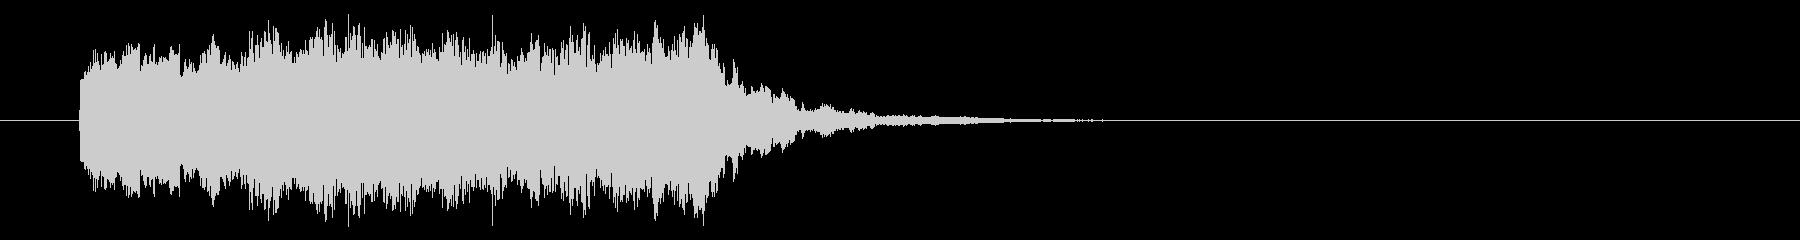 ピロピロン 通信が入った時の効果音2リバの未再生の波形